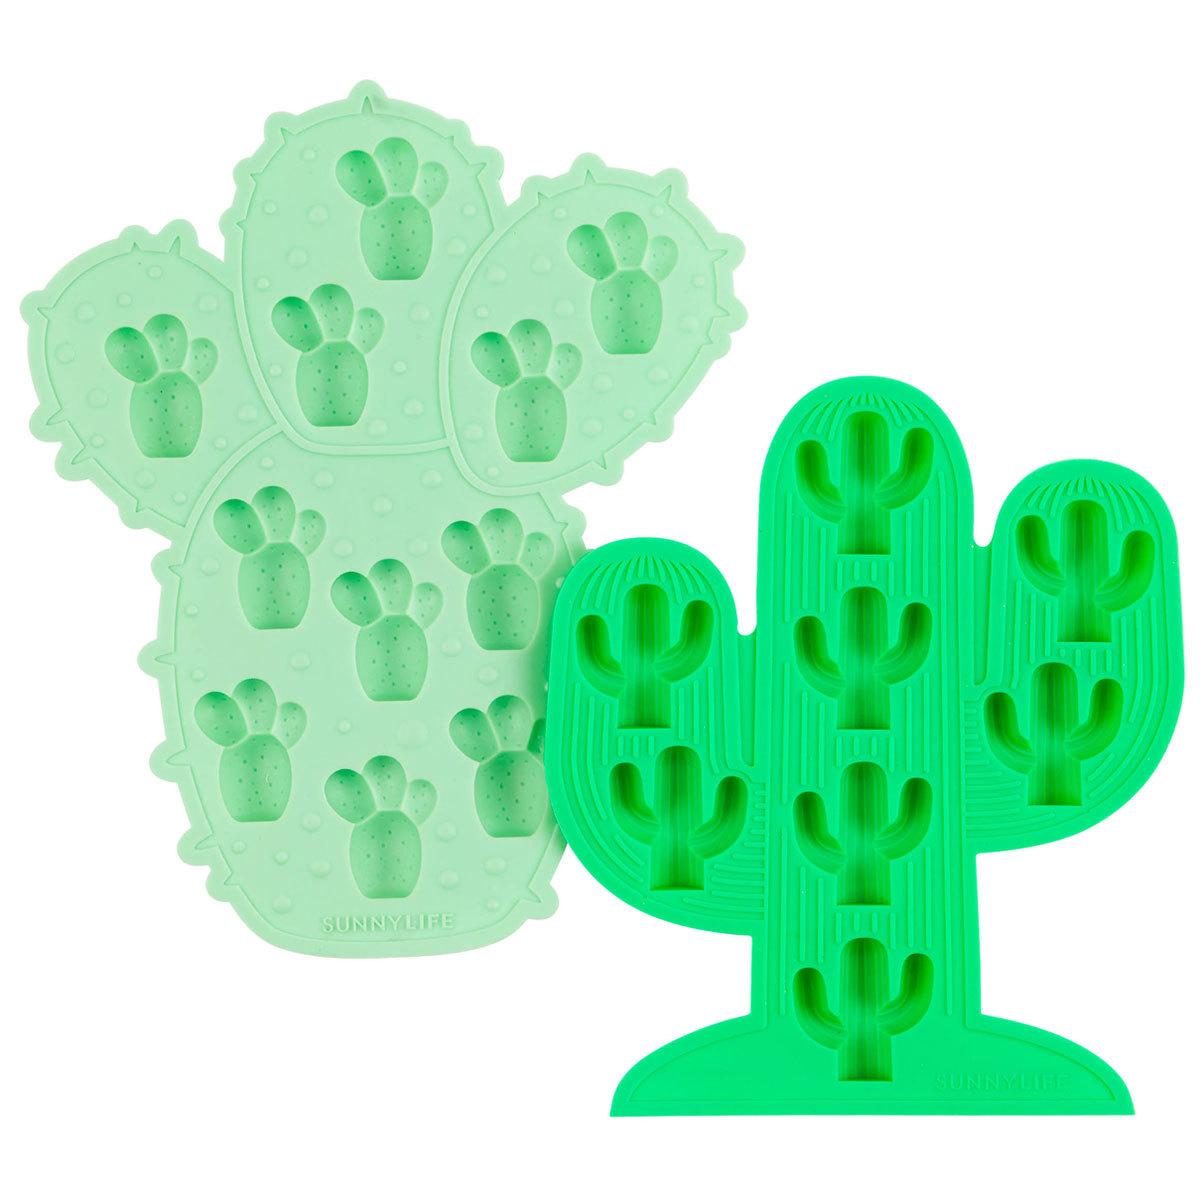 Vaisselle & Couvert Bac à Glaçons Cactus Bac à Glaçons Cactus